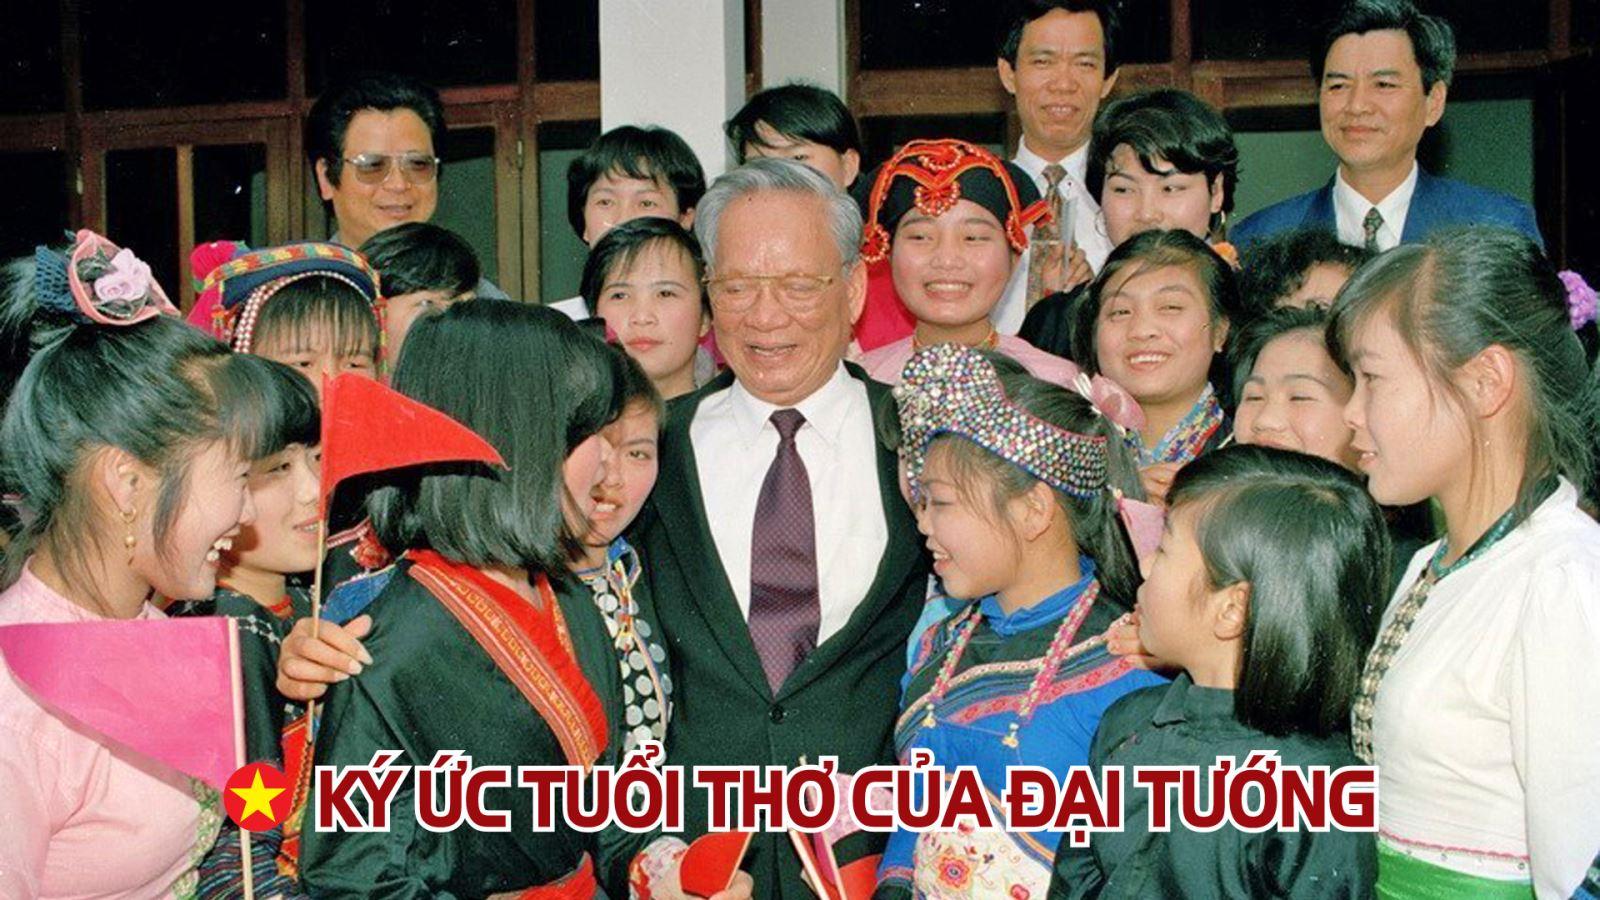 Chủ tịch nước Lê Đức Anh thăm thầy cô giáo và học sinh Trường Phổ thông dân tộc vùng cao Lai Châu, tháng 3/1996.